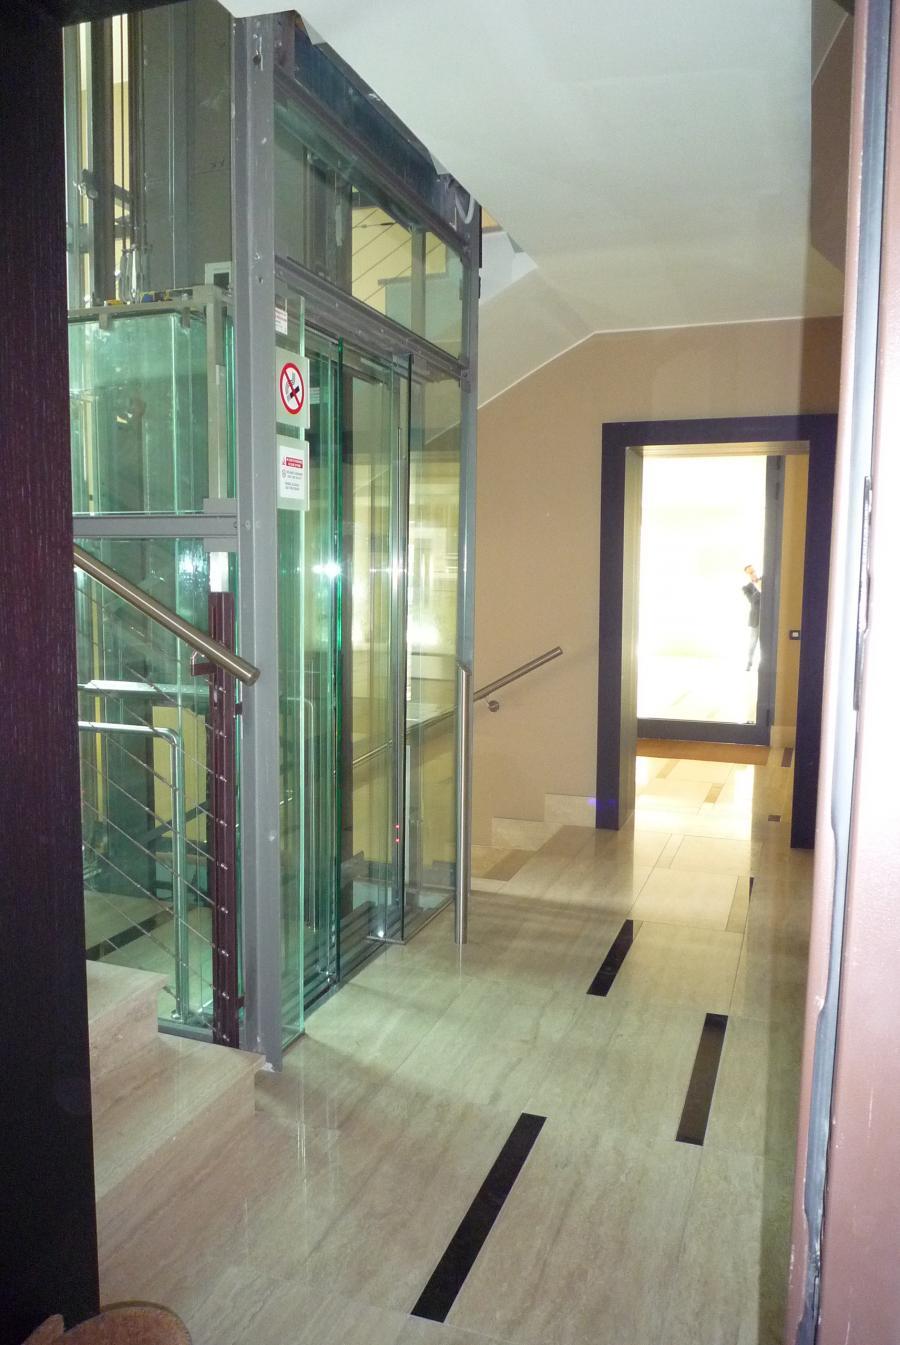 Immobili appartamento piemonte torino torino centro gran for Case in vendita torino centro